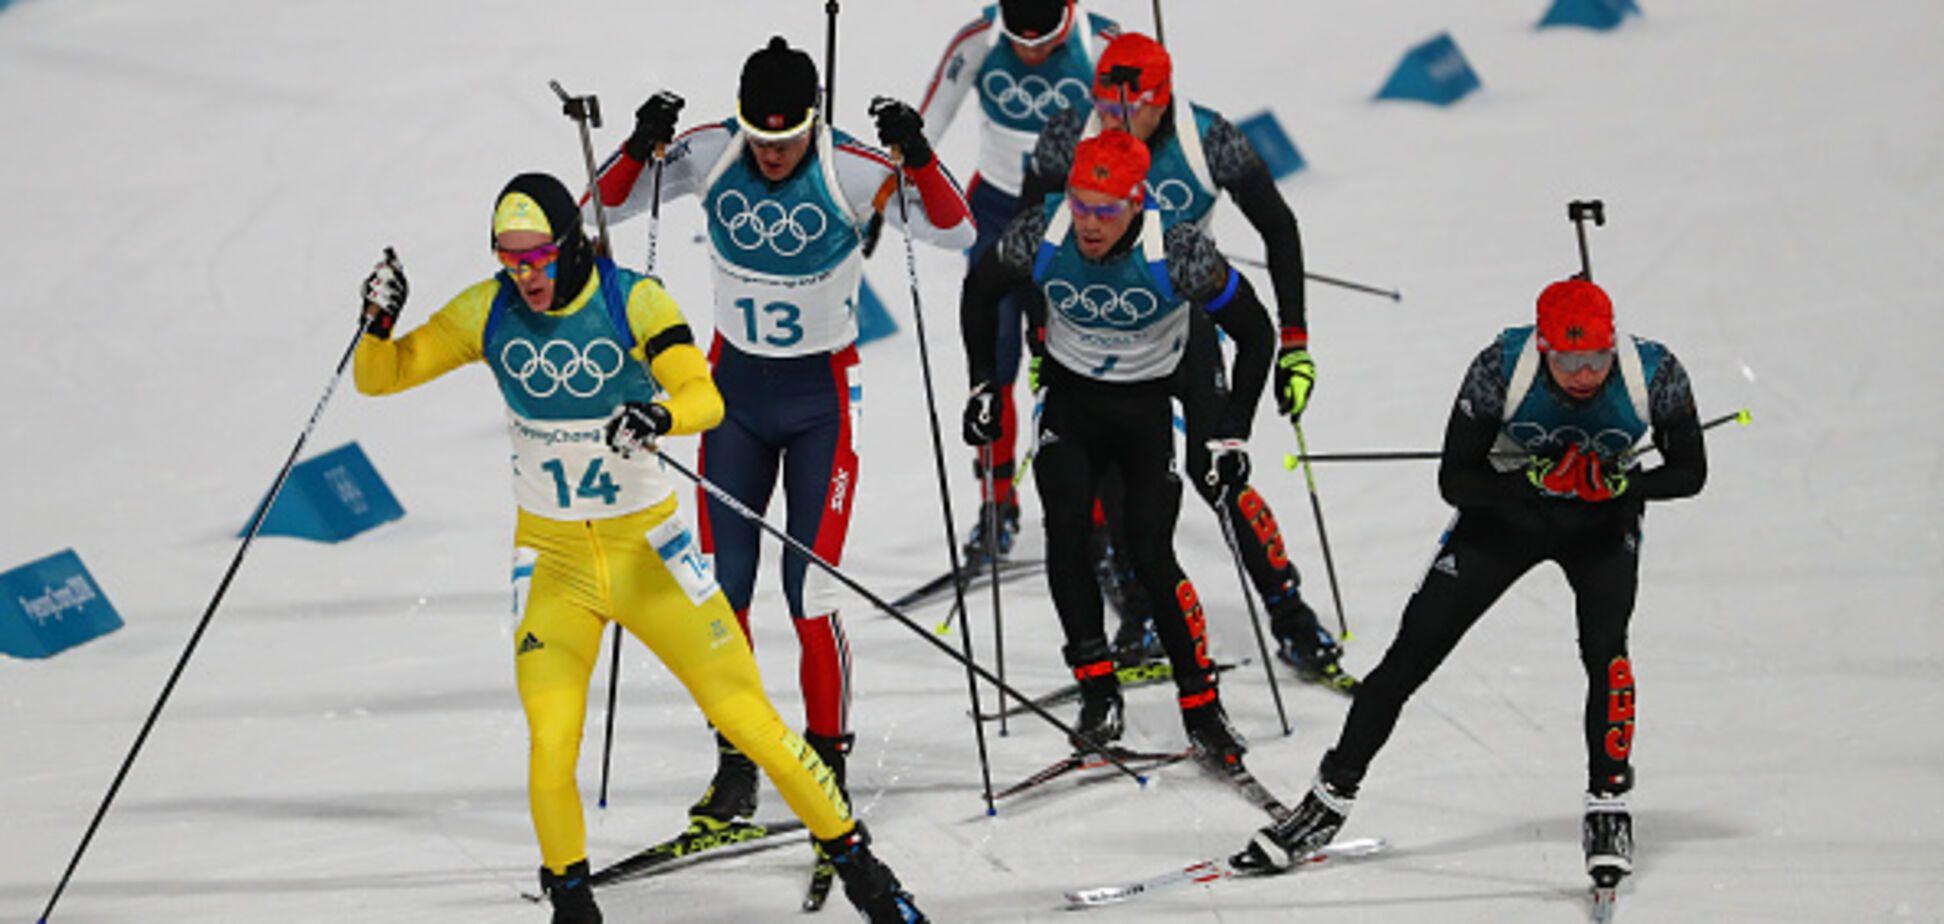 'Угрожали застрелить': в России началась охота на олимпийского чемпиона